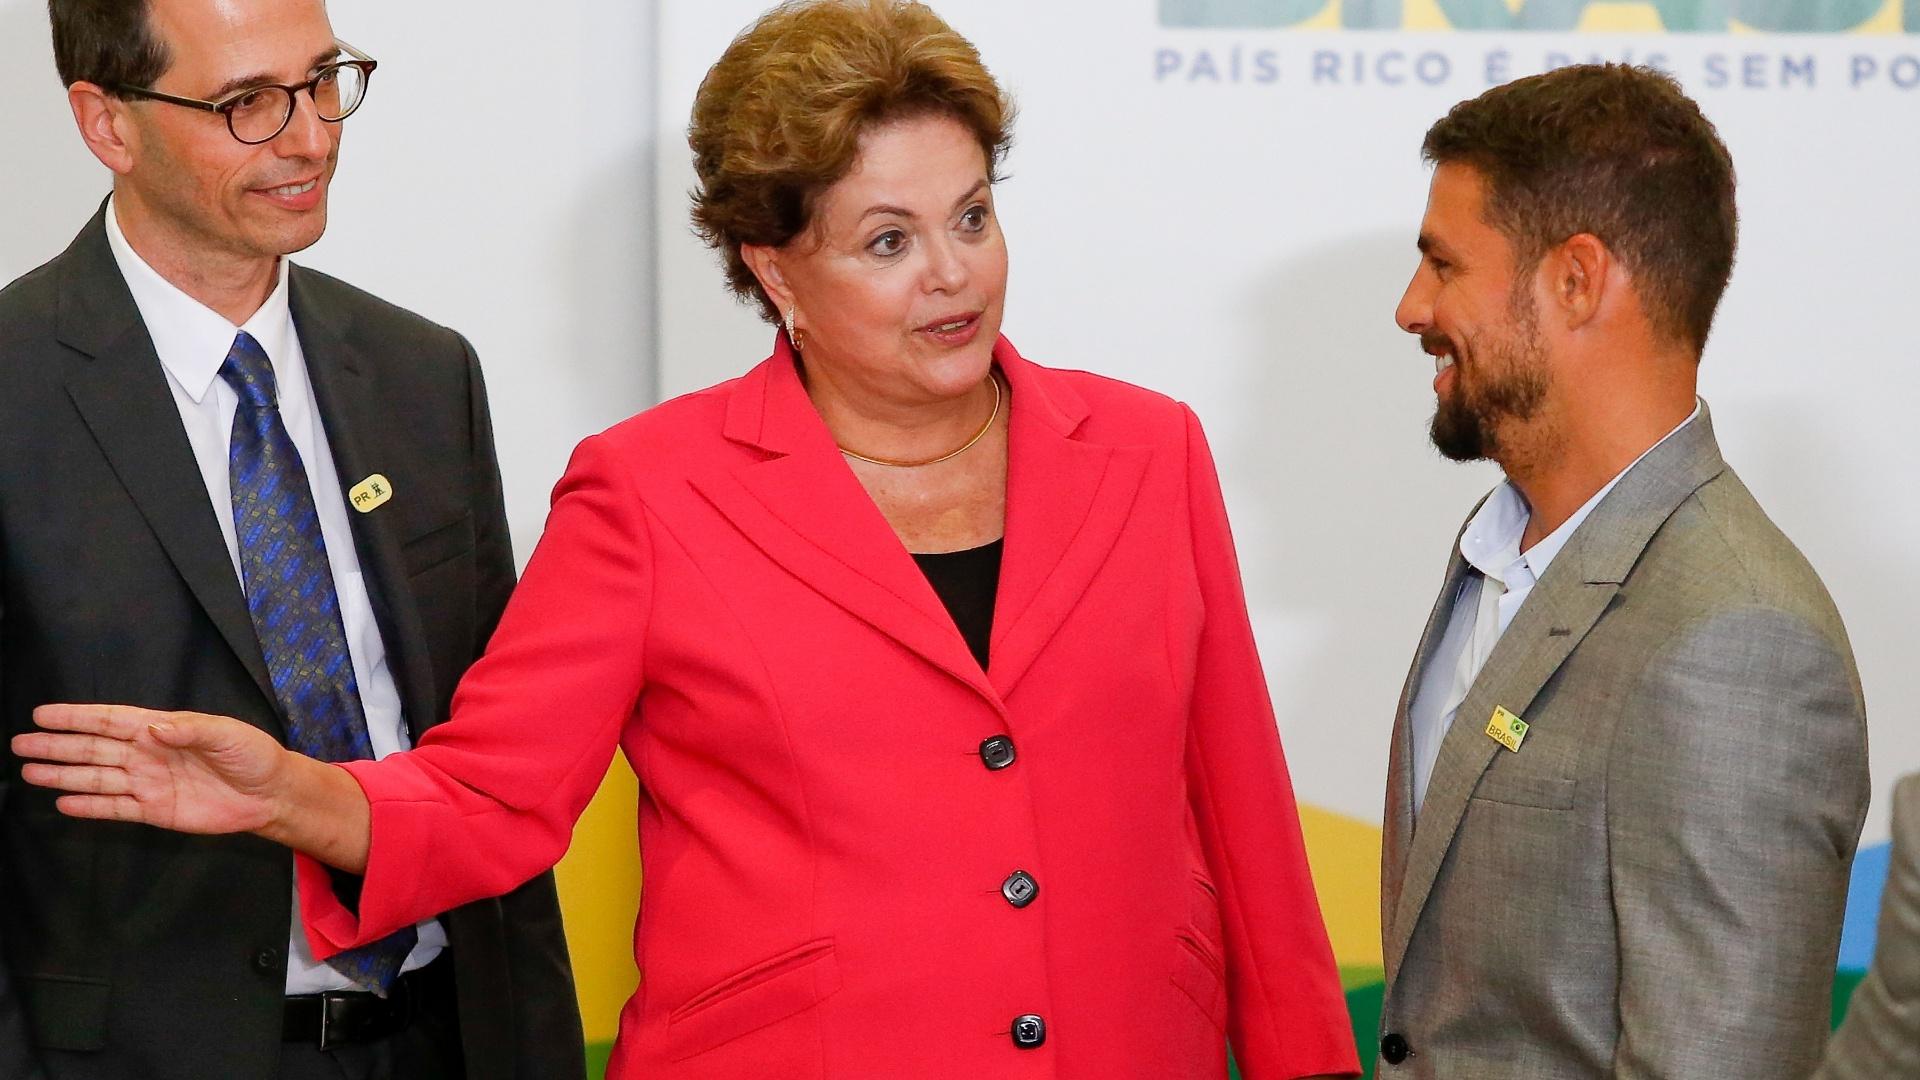 1.jul.2014 - A presidente Dilma Rousseff cumprimenta o ator Cauã Reymond durante cerimônia de lançamento do programa Brasil de Todas as Telas, de incentivo à produção audiovisual